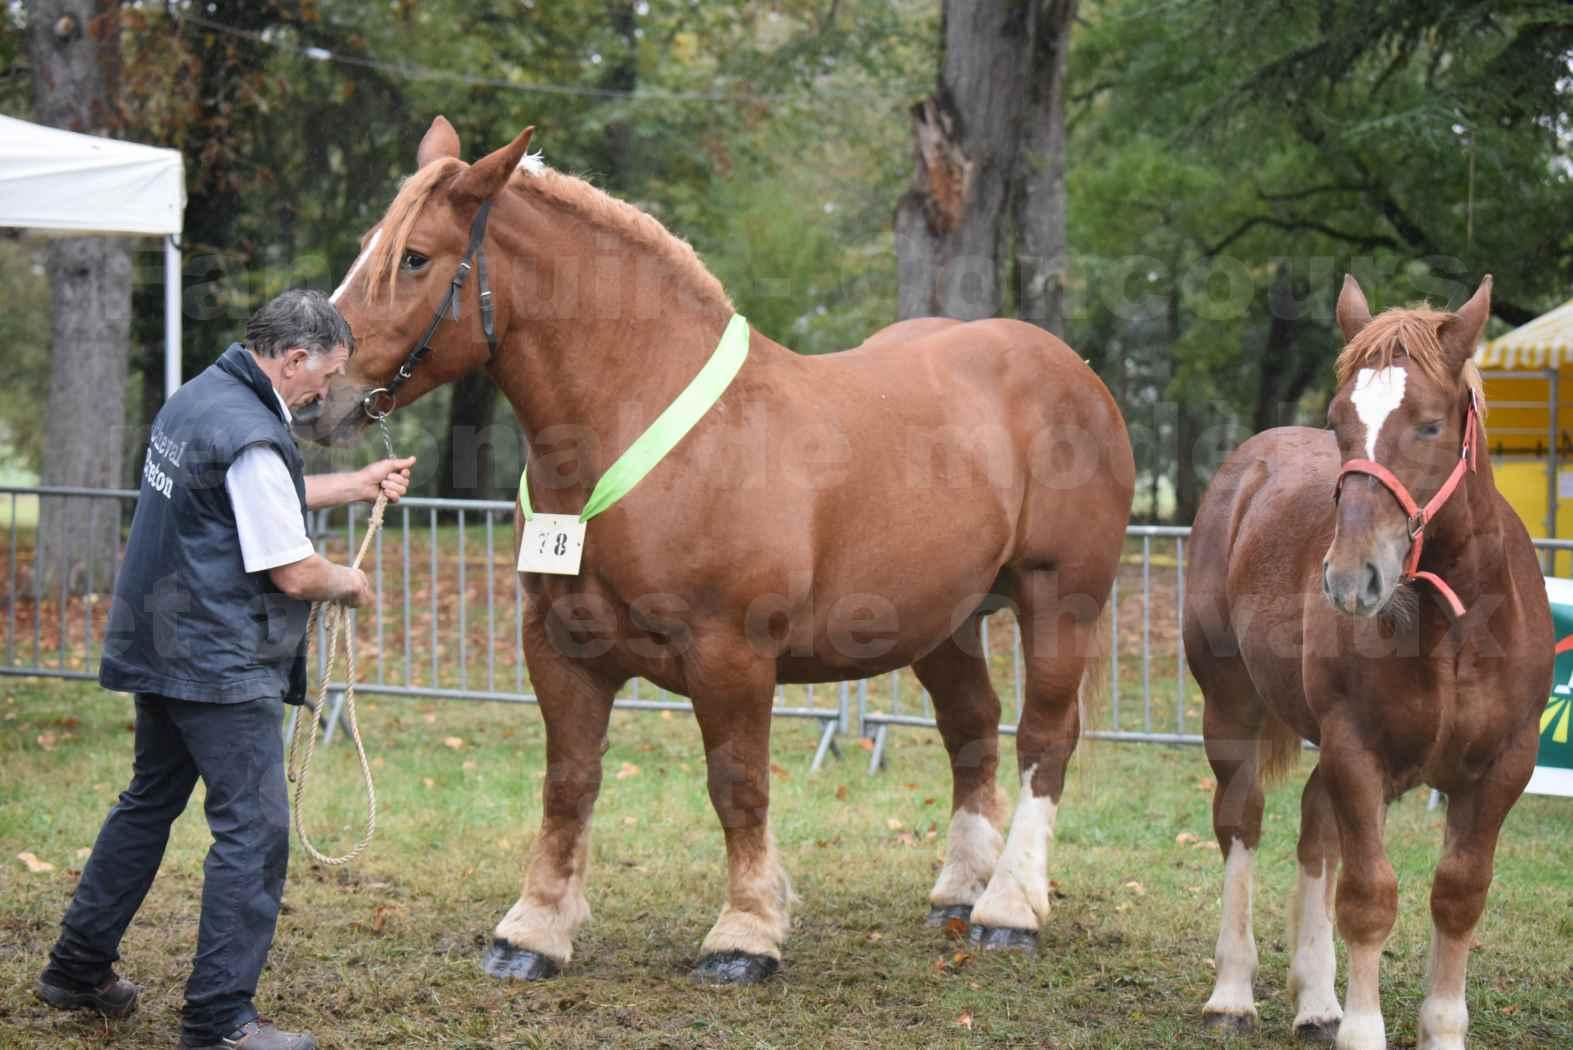 Concours Régional de chevaux de traits en 2017 - Trait BRETON - Jument suitée - ROYALE DE MARS - 01